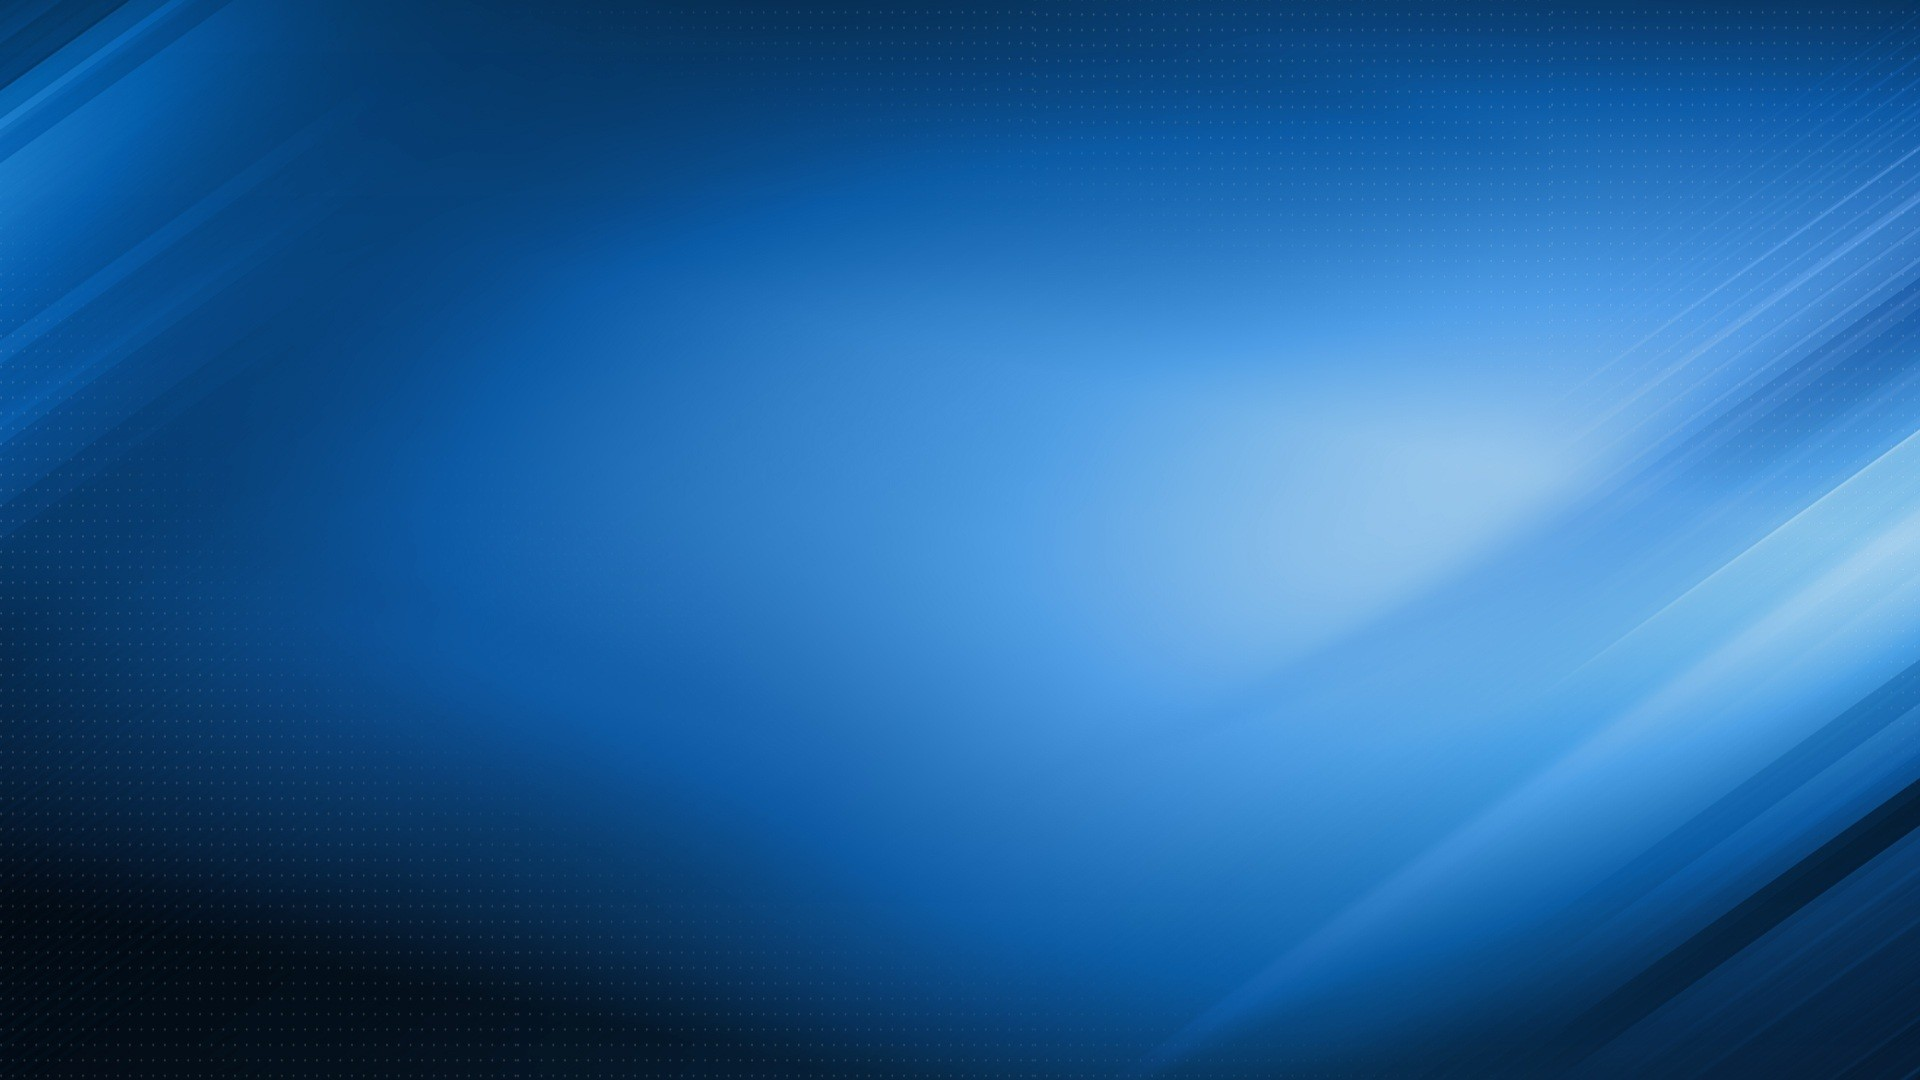 Res: 1920x1080, Blue gradient